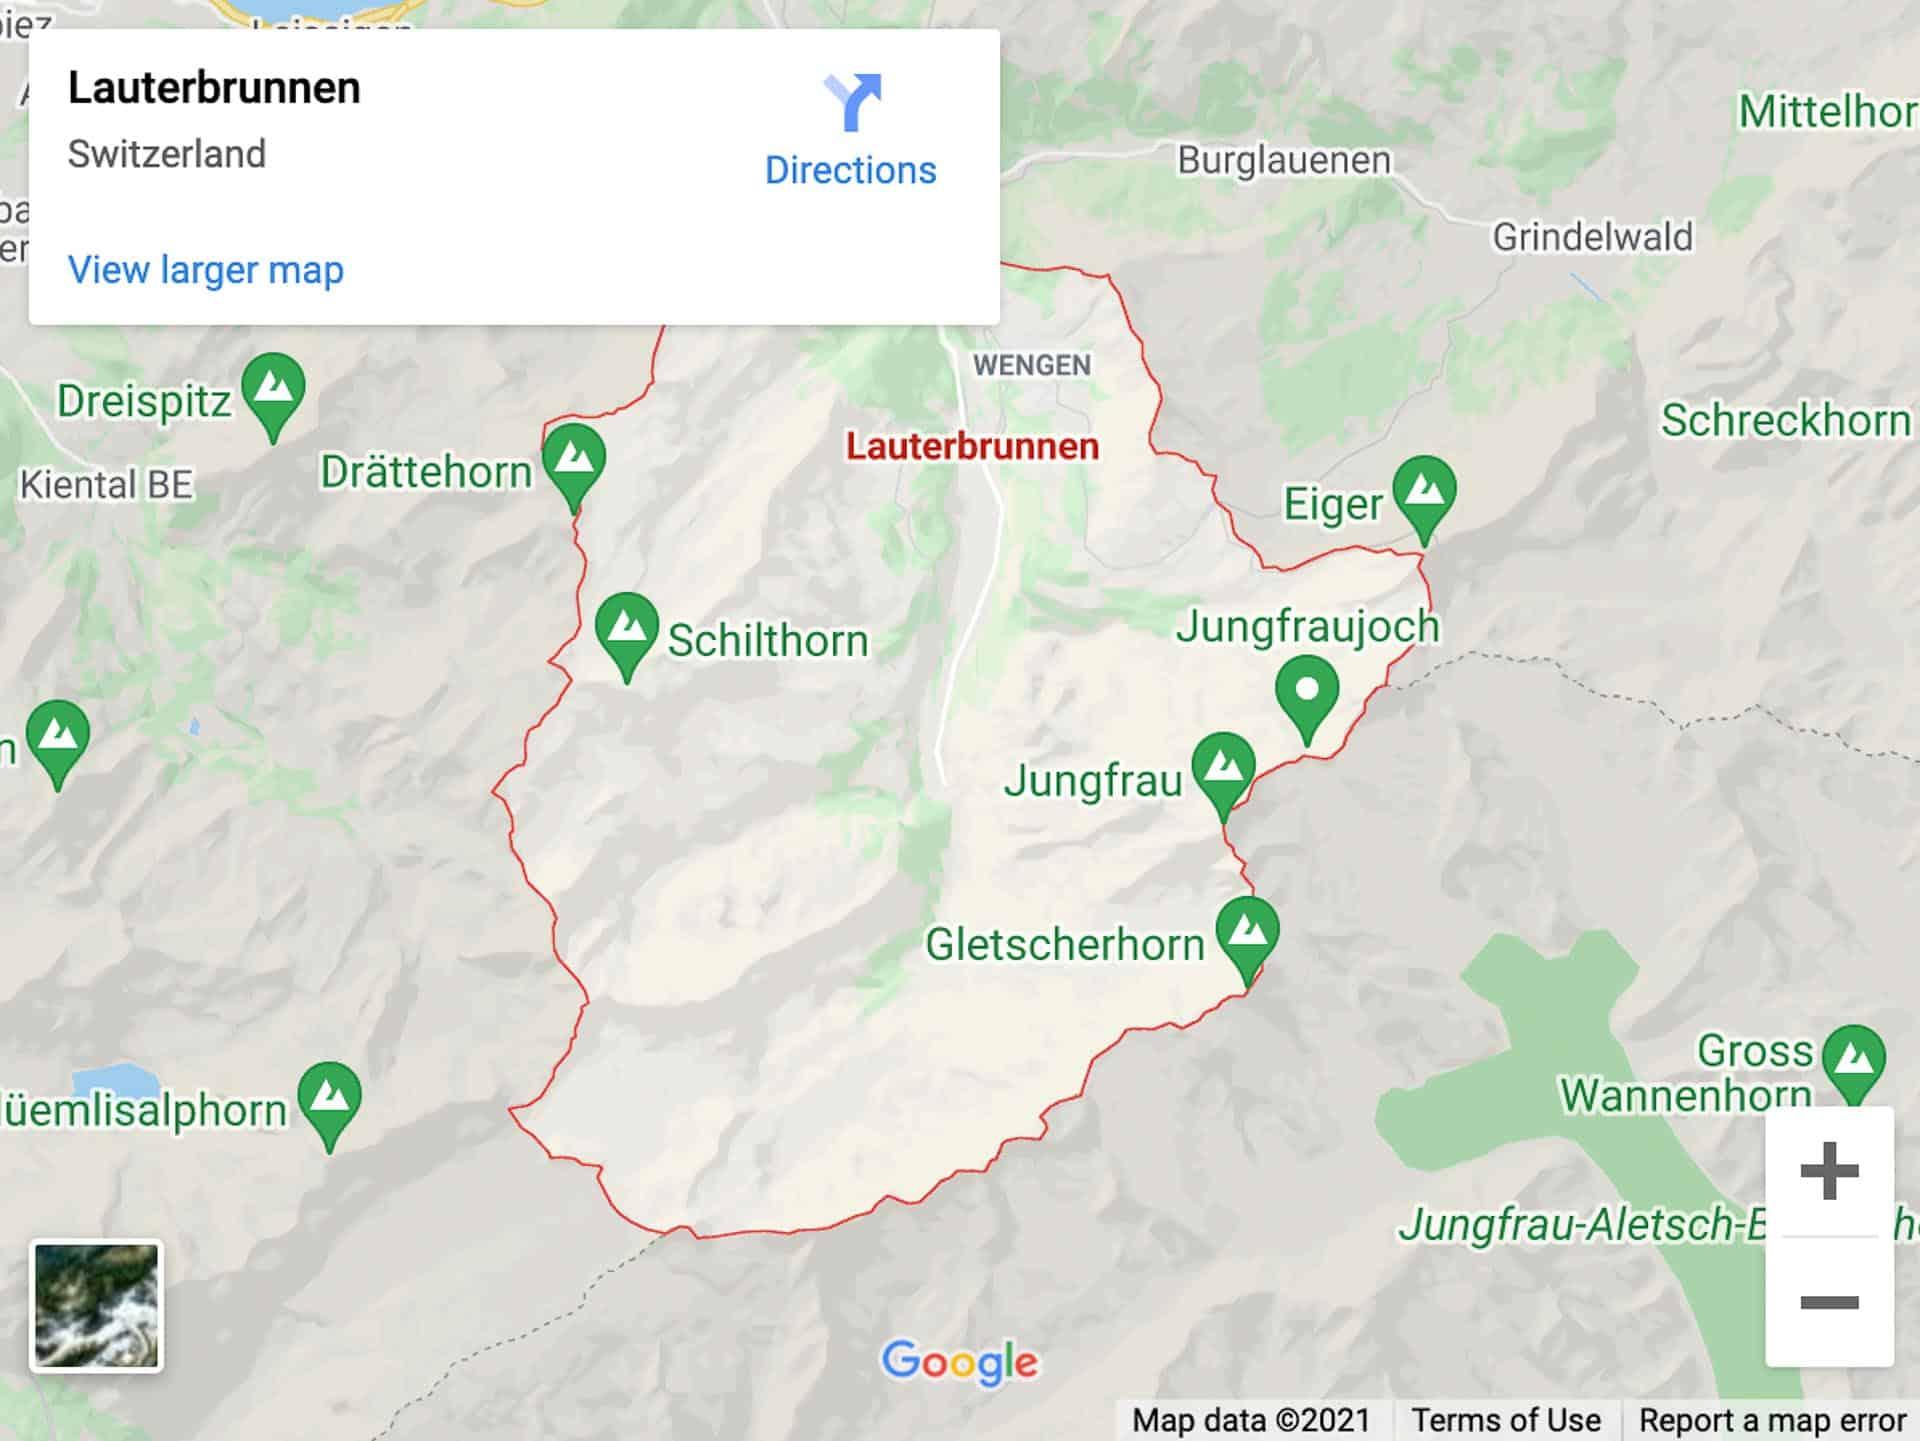 lauterbrunnen map